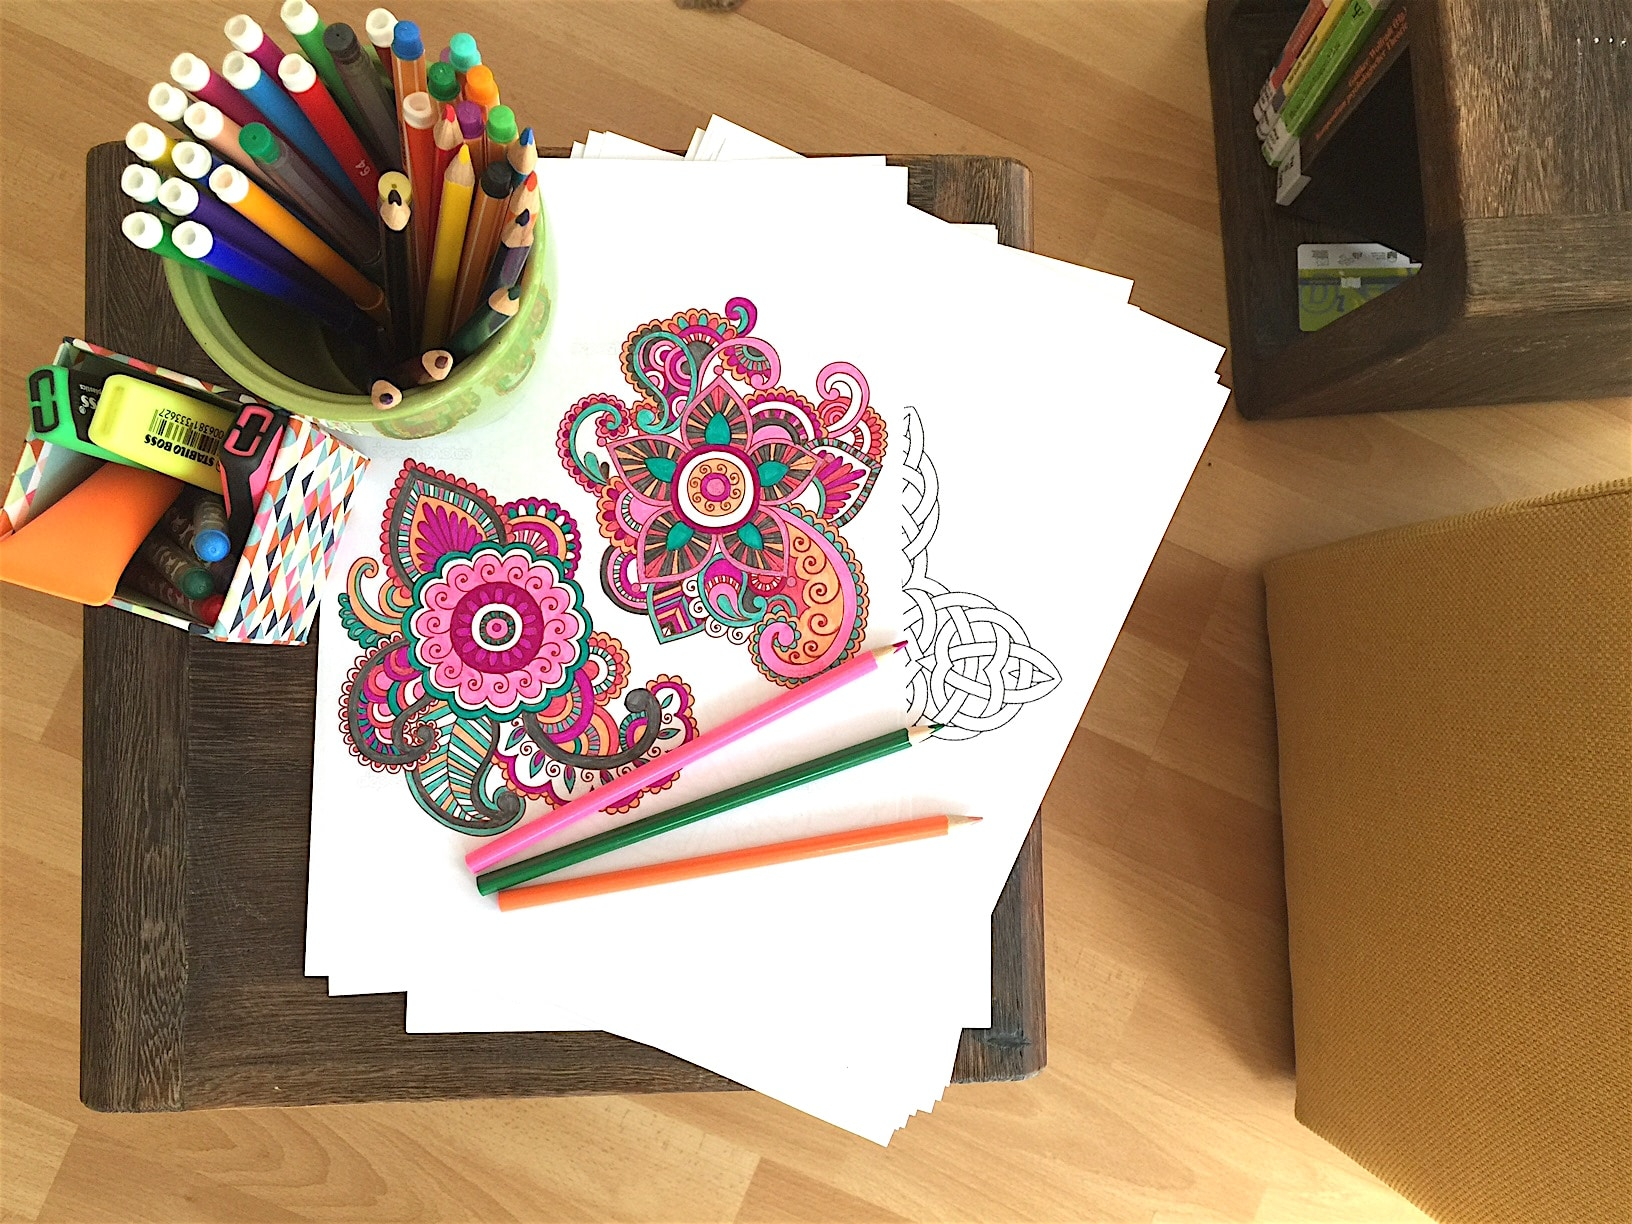 Reichlich Vorlagen, reichlich Stifte: Auf gehts. ENTSPANNUNG Mandala malen für Erwachsene #MANDALA #MALEN #KINDER #ENTSAPANNUNG Mandala malen für Erwachsene als Entspannung (Anleitung, Video und DIY)Das Beste, was es für die Seele gibt, um ruhig zu werden, zu entspannen. Stress abbauen und dabei den Kopf freizumachen. Mandala malen ist gut für Erwachsene, für Kinder, aber besonders auch für Senioren. Die Anleitung und auch Mandala DIY Videos zum selber Mandala erstellen findest du in diesem ausführlichen Blogpost.